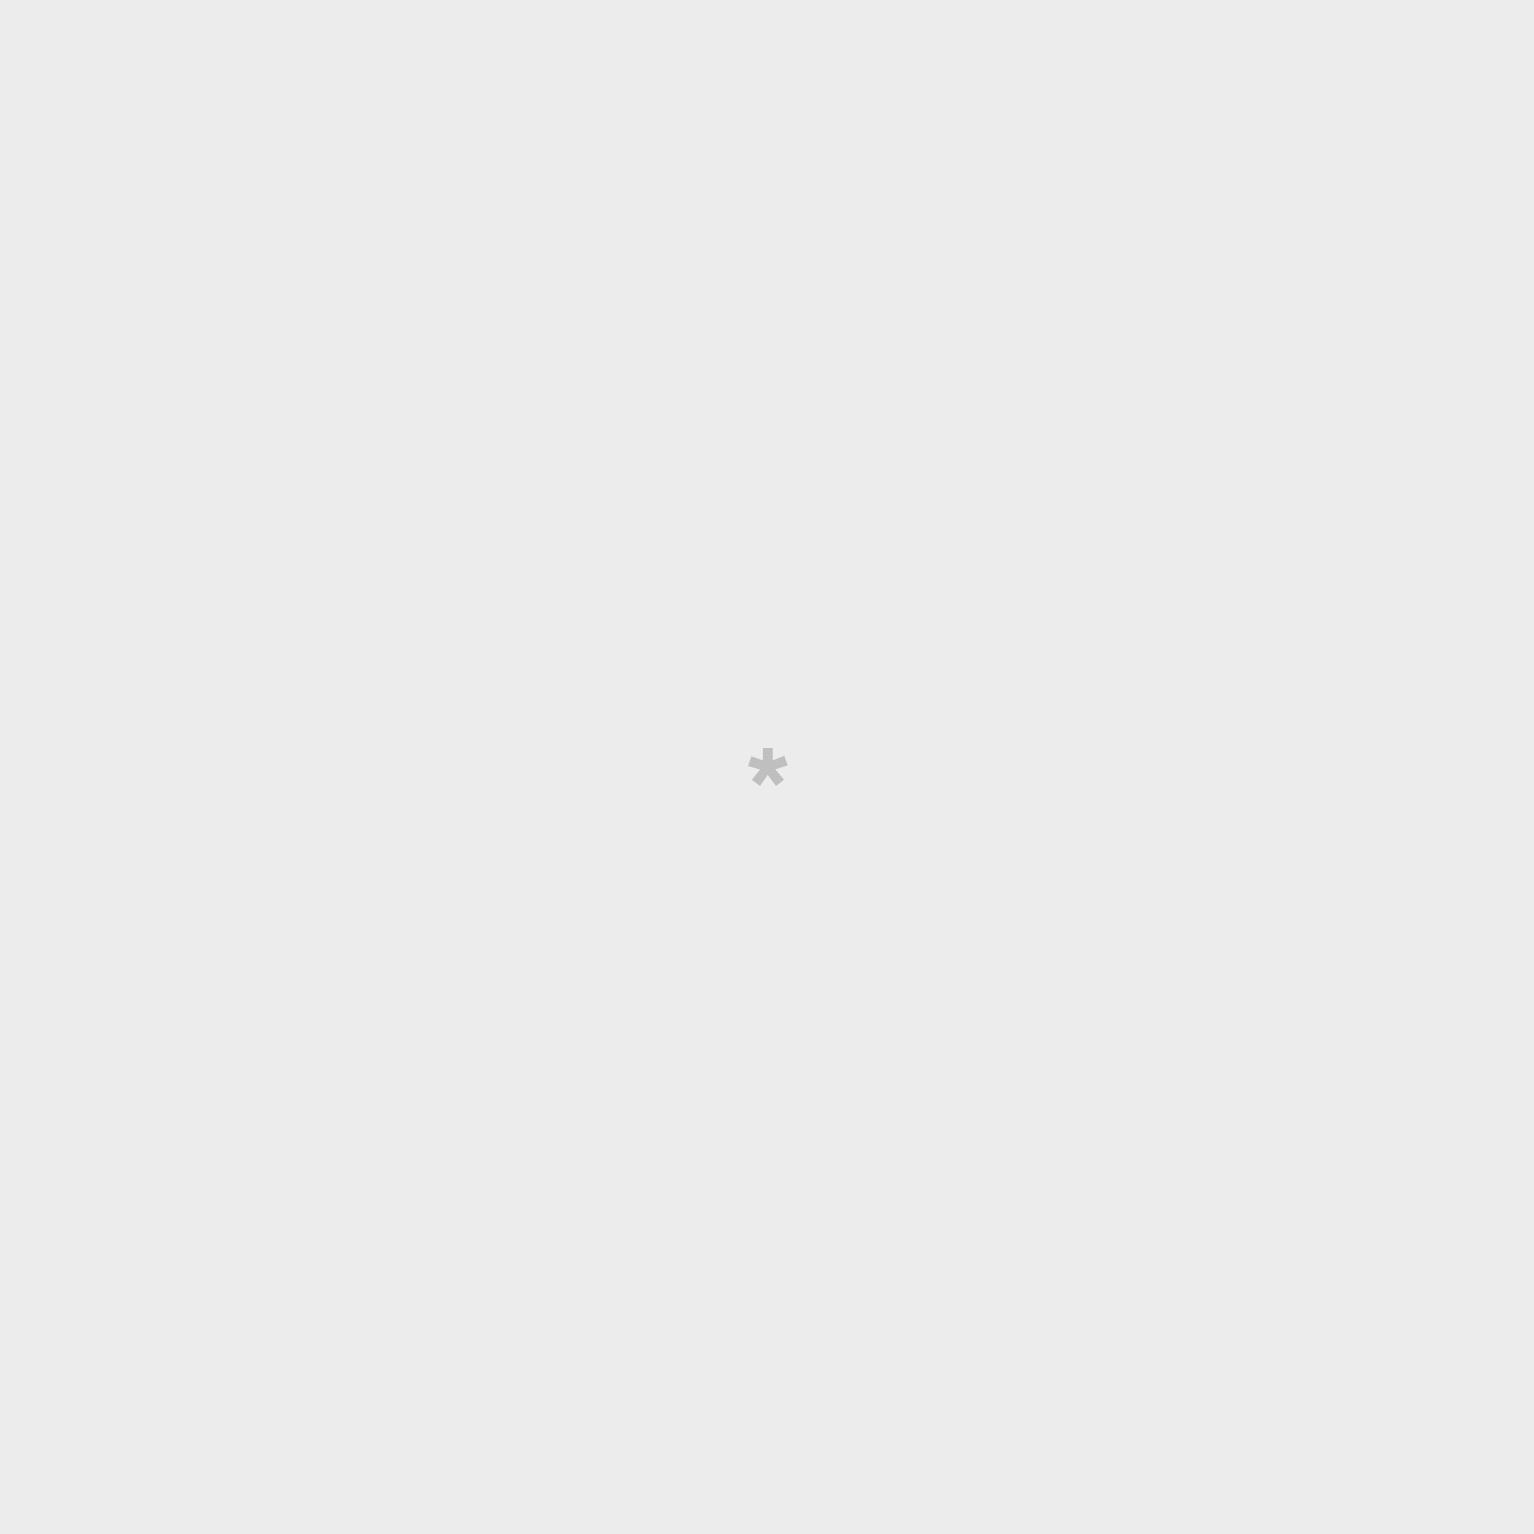 Caneca Pastel - A vida é maravilhosa depois do...  café (Mint)